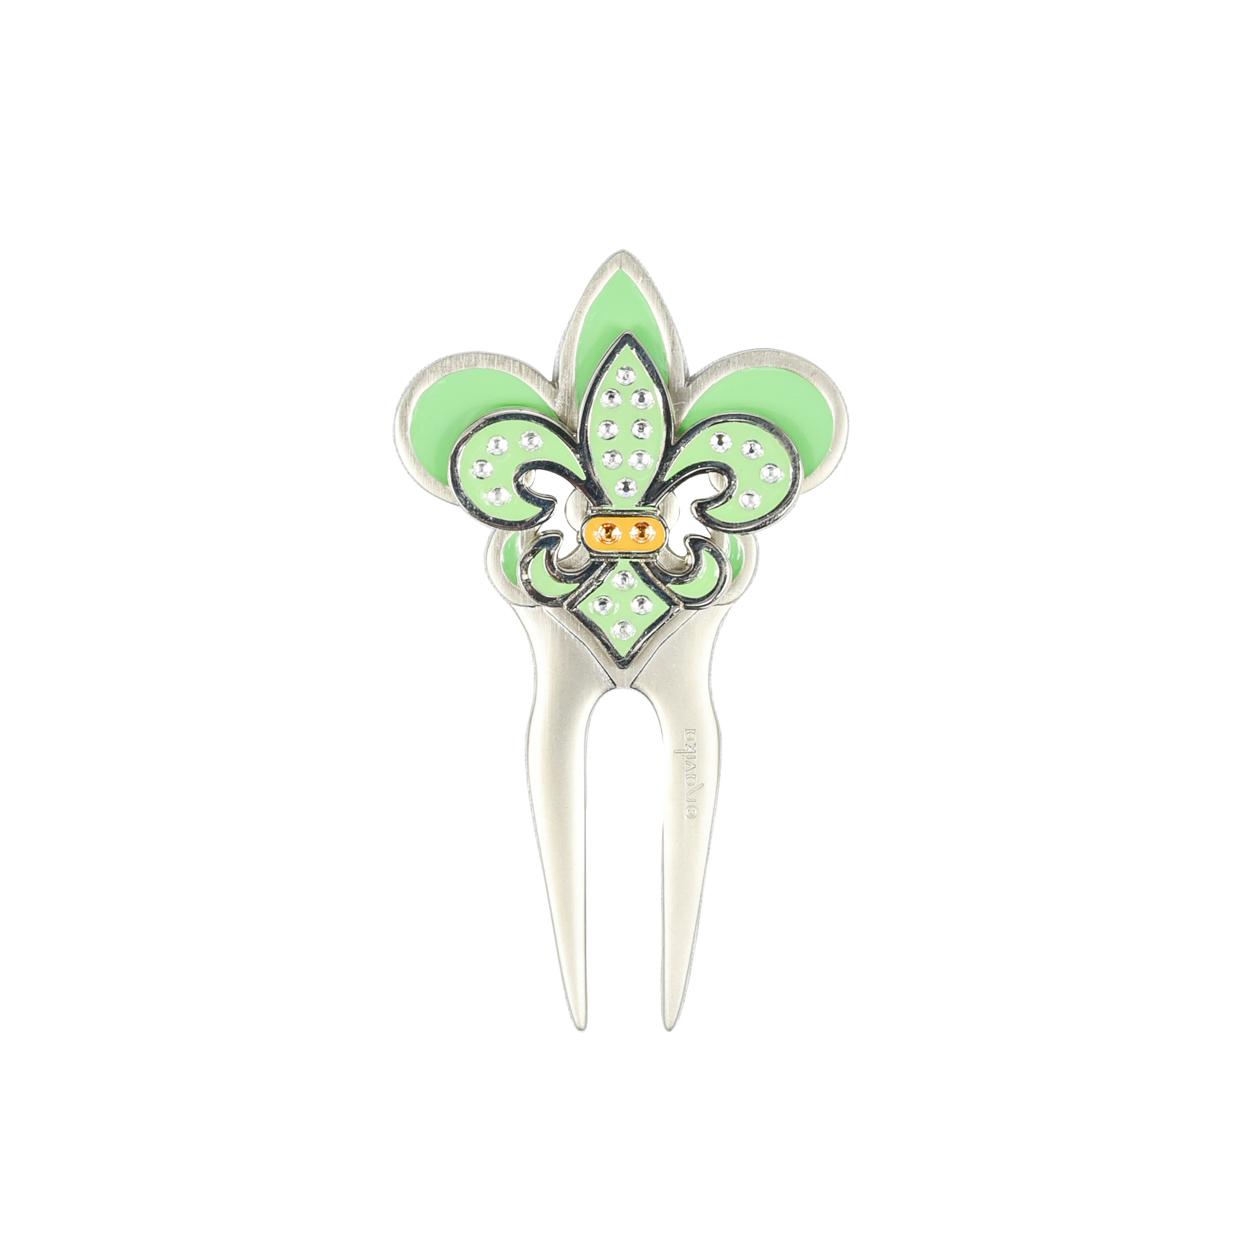 245. Fleur  de Lis Green  Divot Tool & Ball Marker Set